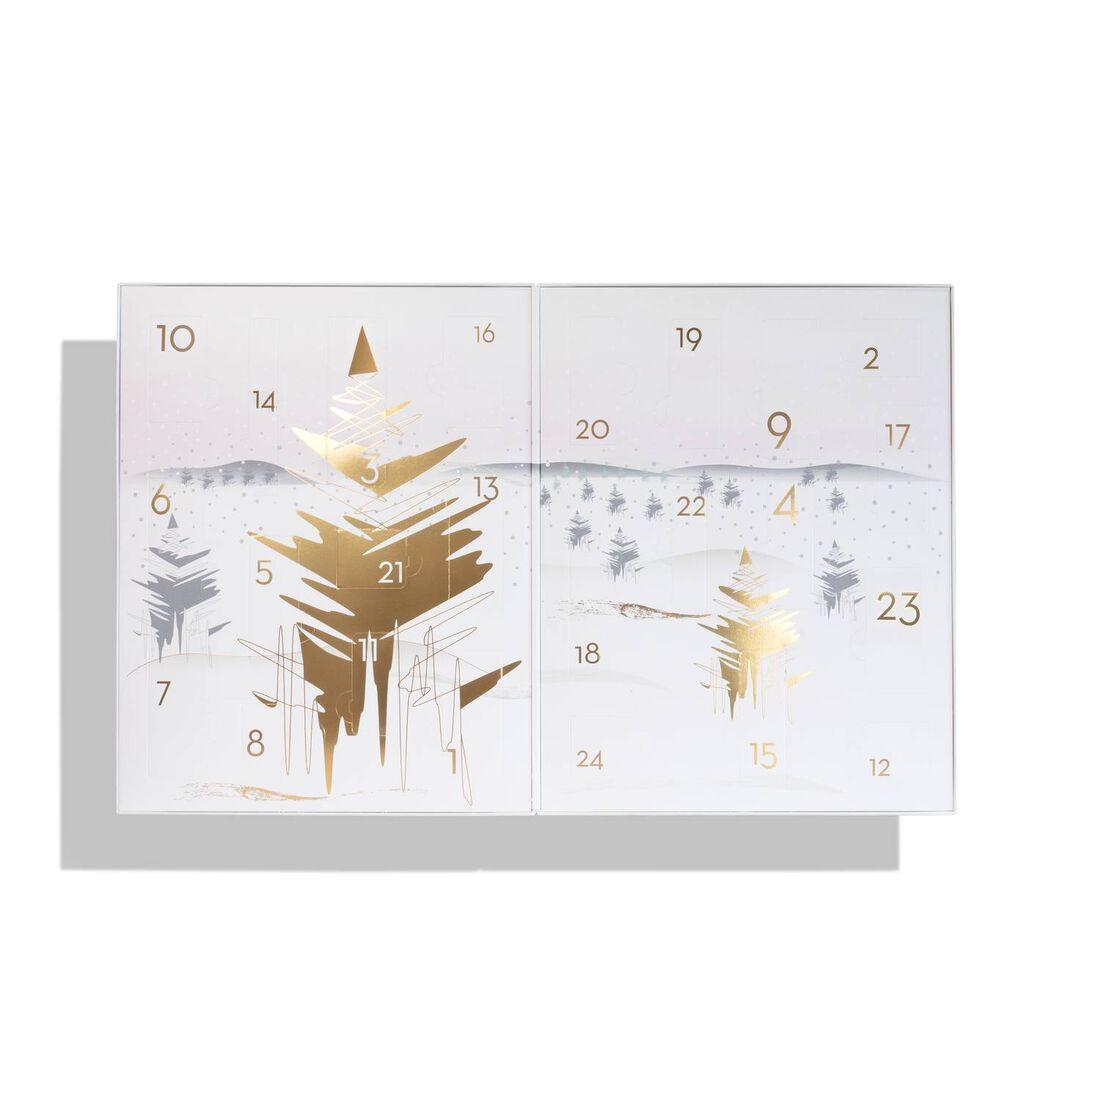 beauty advent calendar 24 arctic treasures 2019. Black Bedroom Furniture Sets. Home Design Ideas